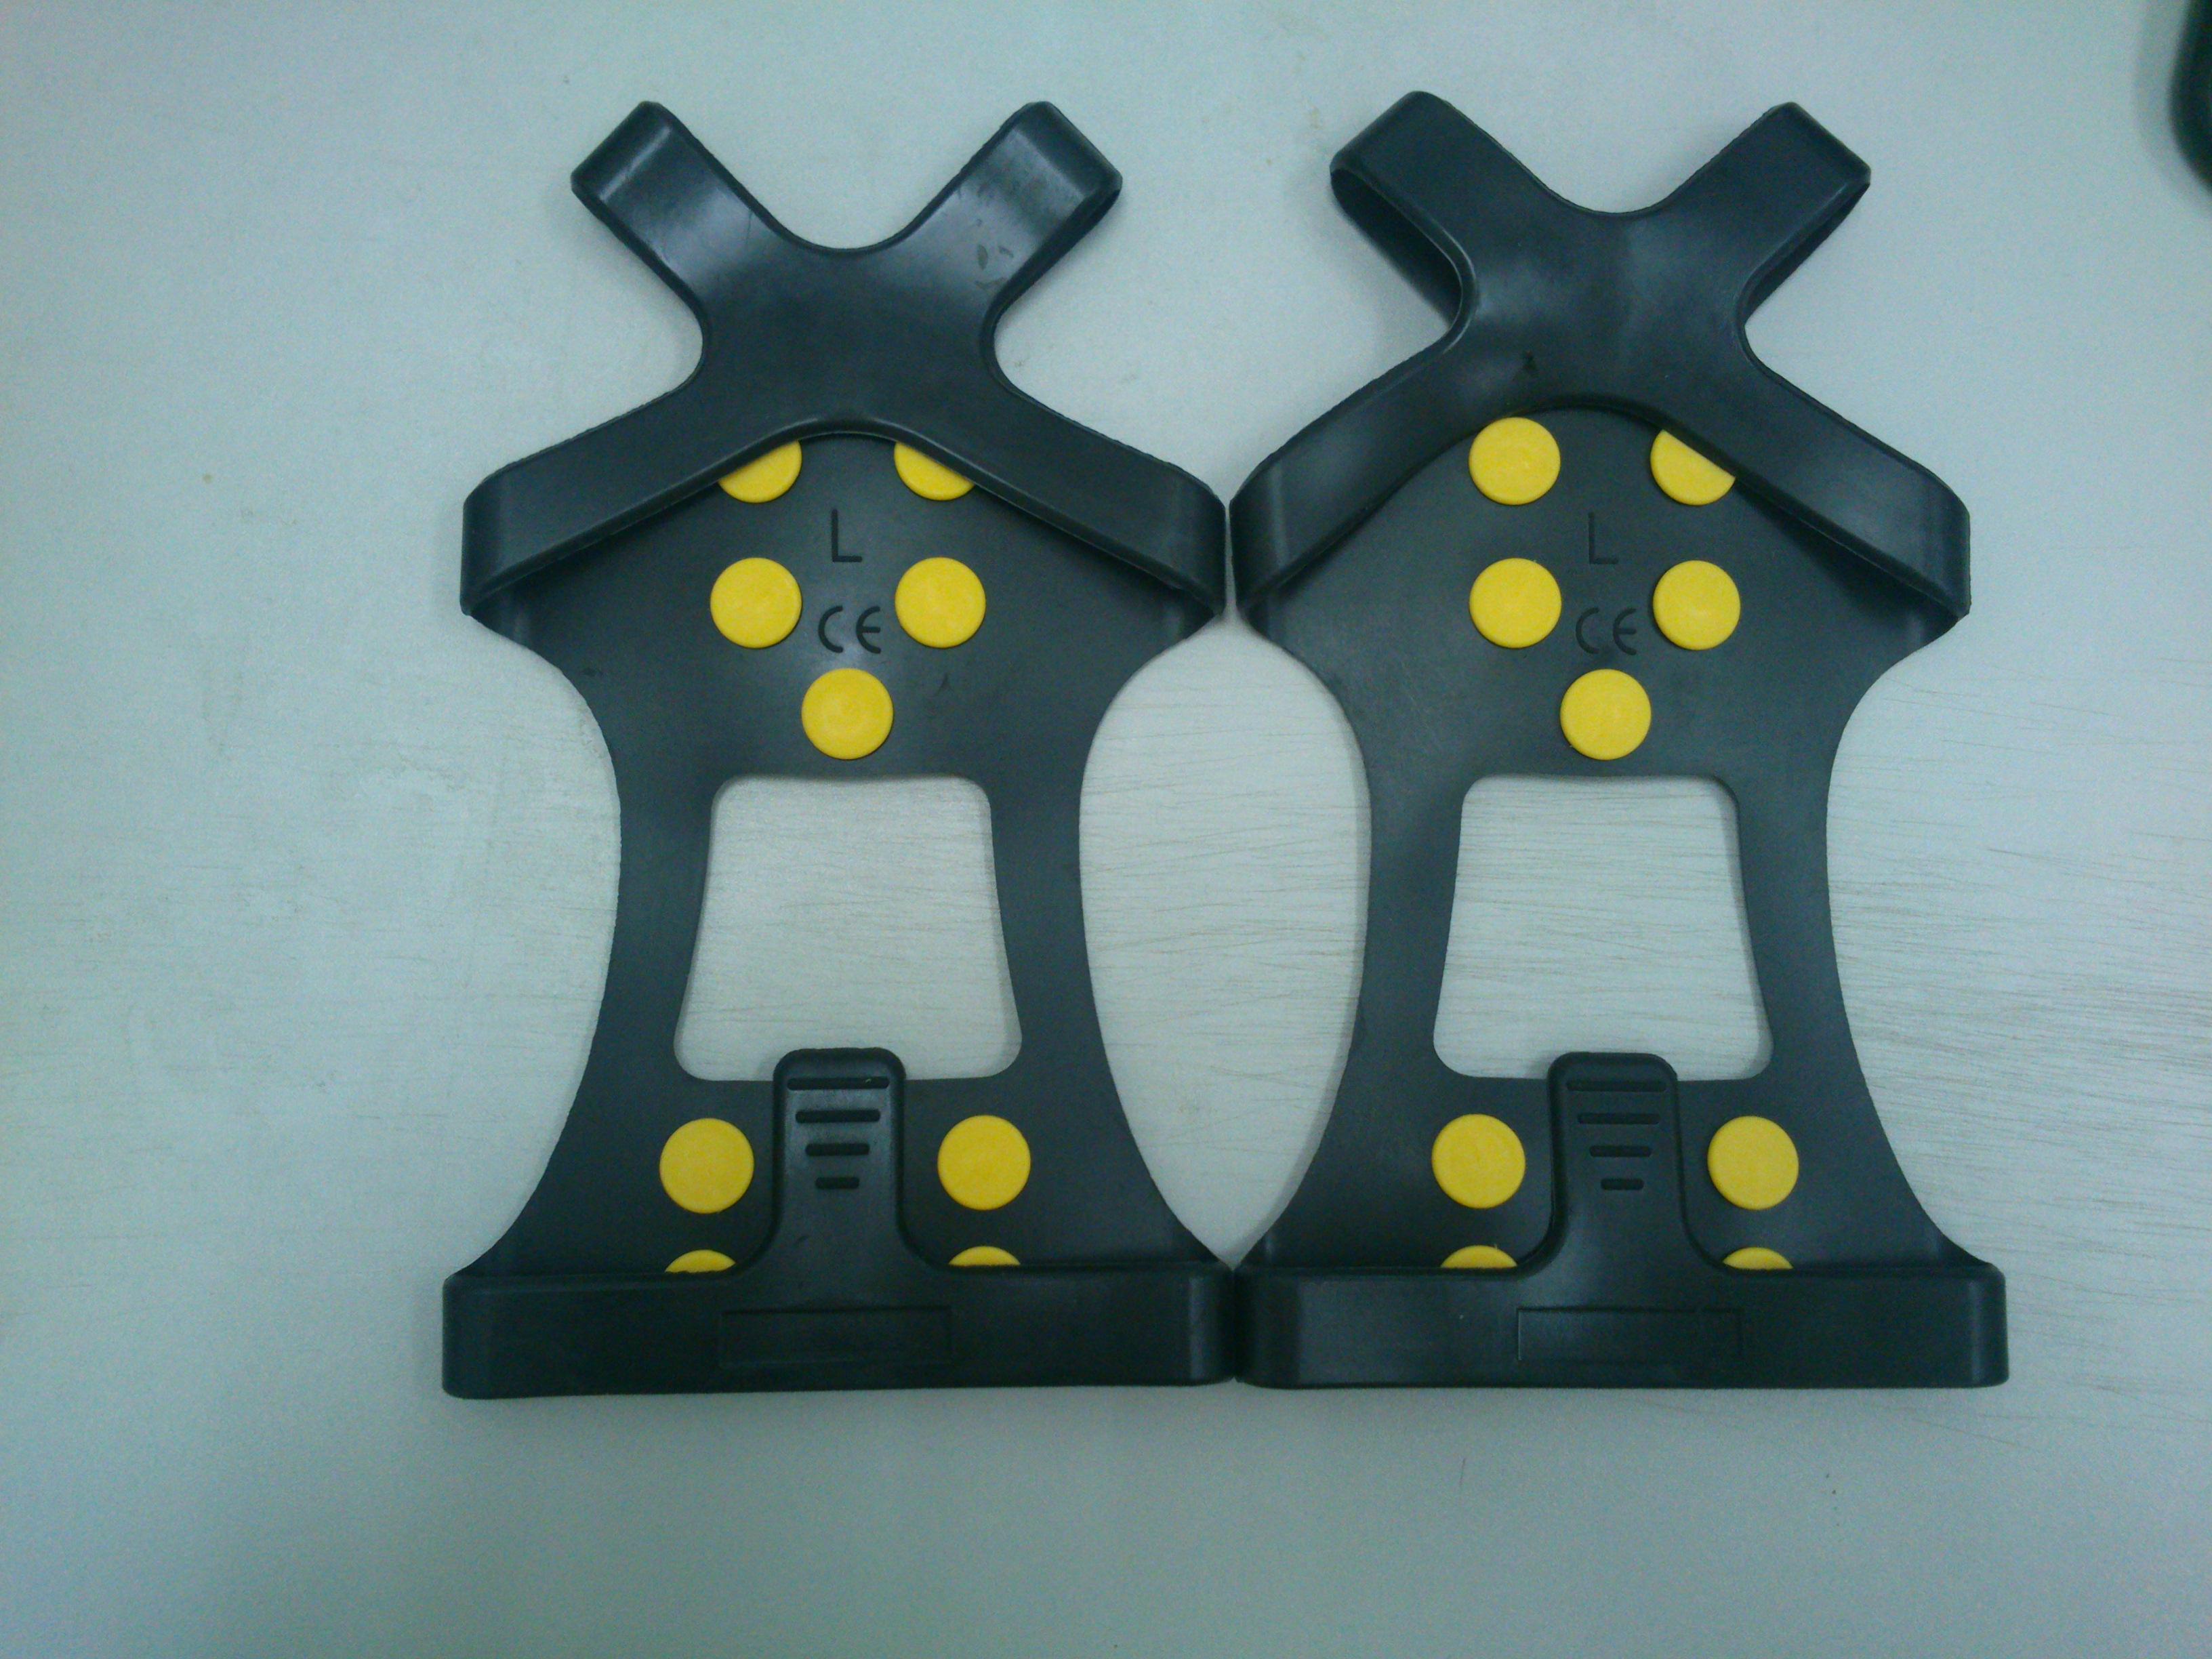 供应运动户外、安全、防护 > 登山 运动户外登山安全防护鞋